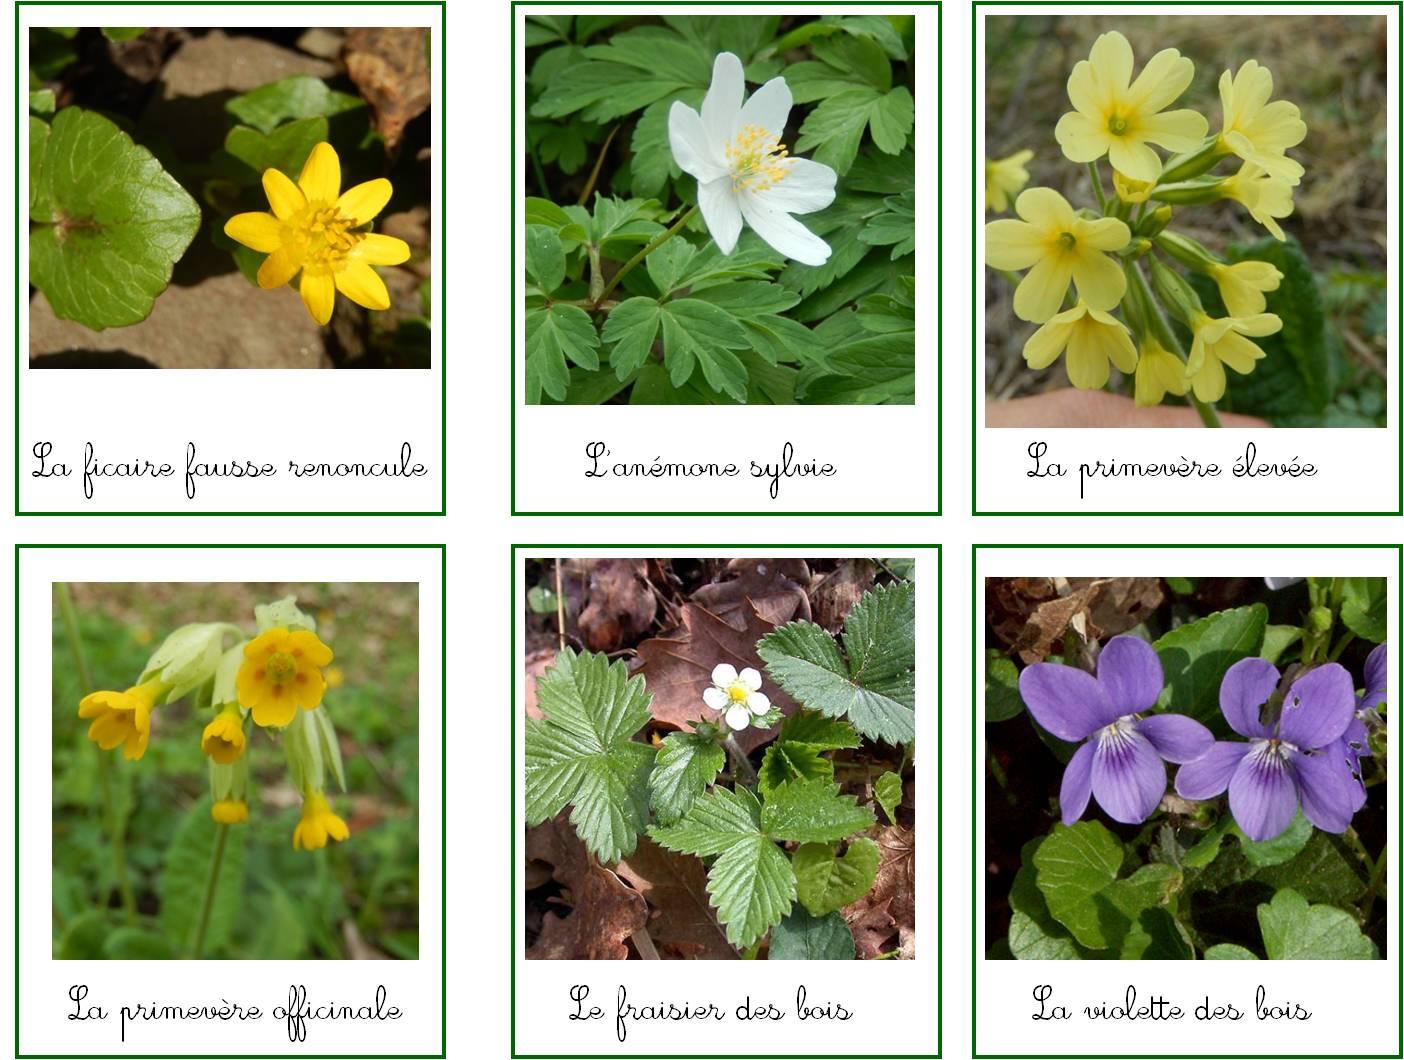 Cartes de nomenclature : les fleurs des bois - Explorer Ensemble